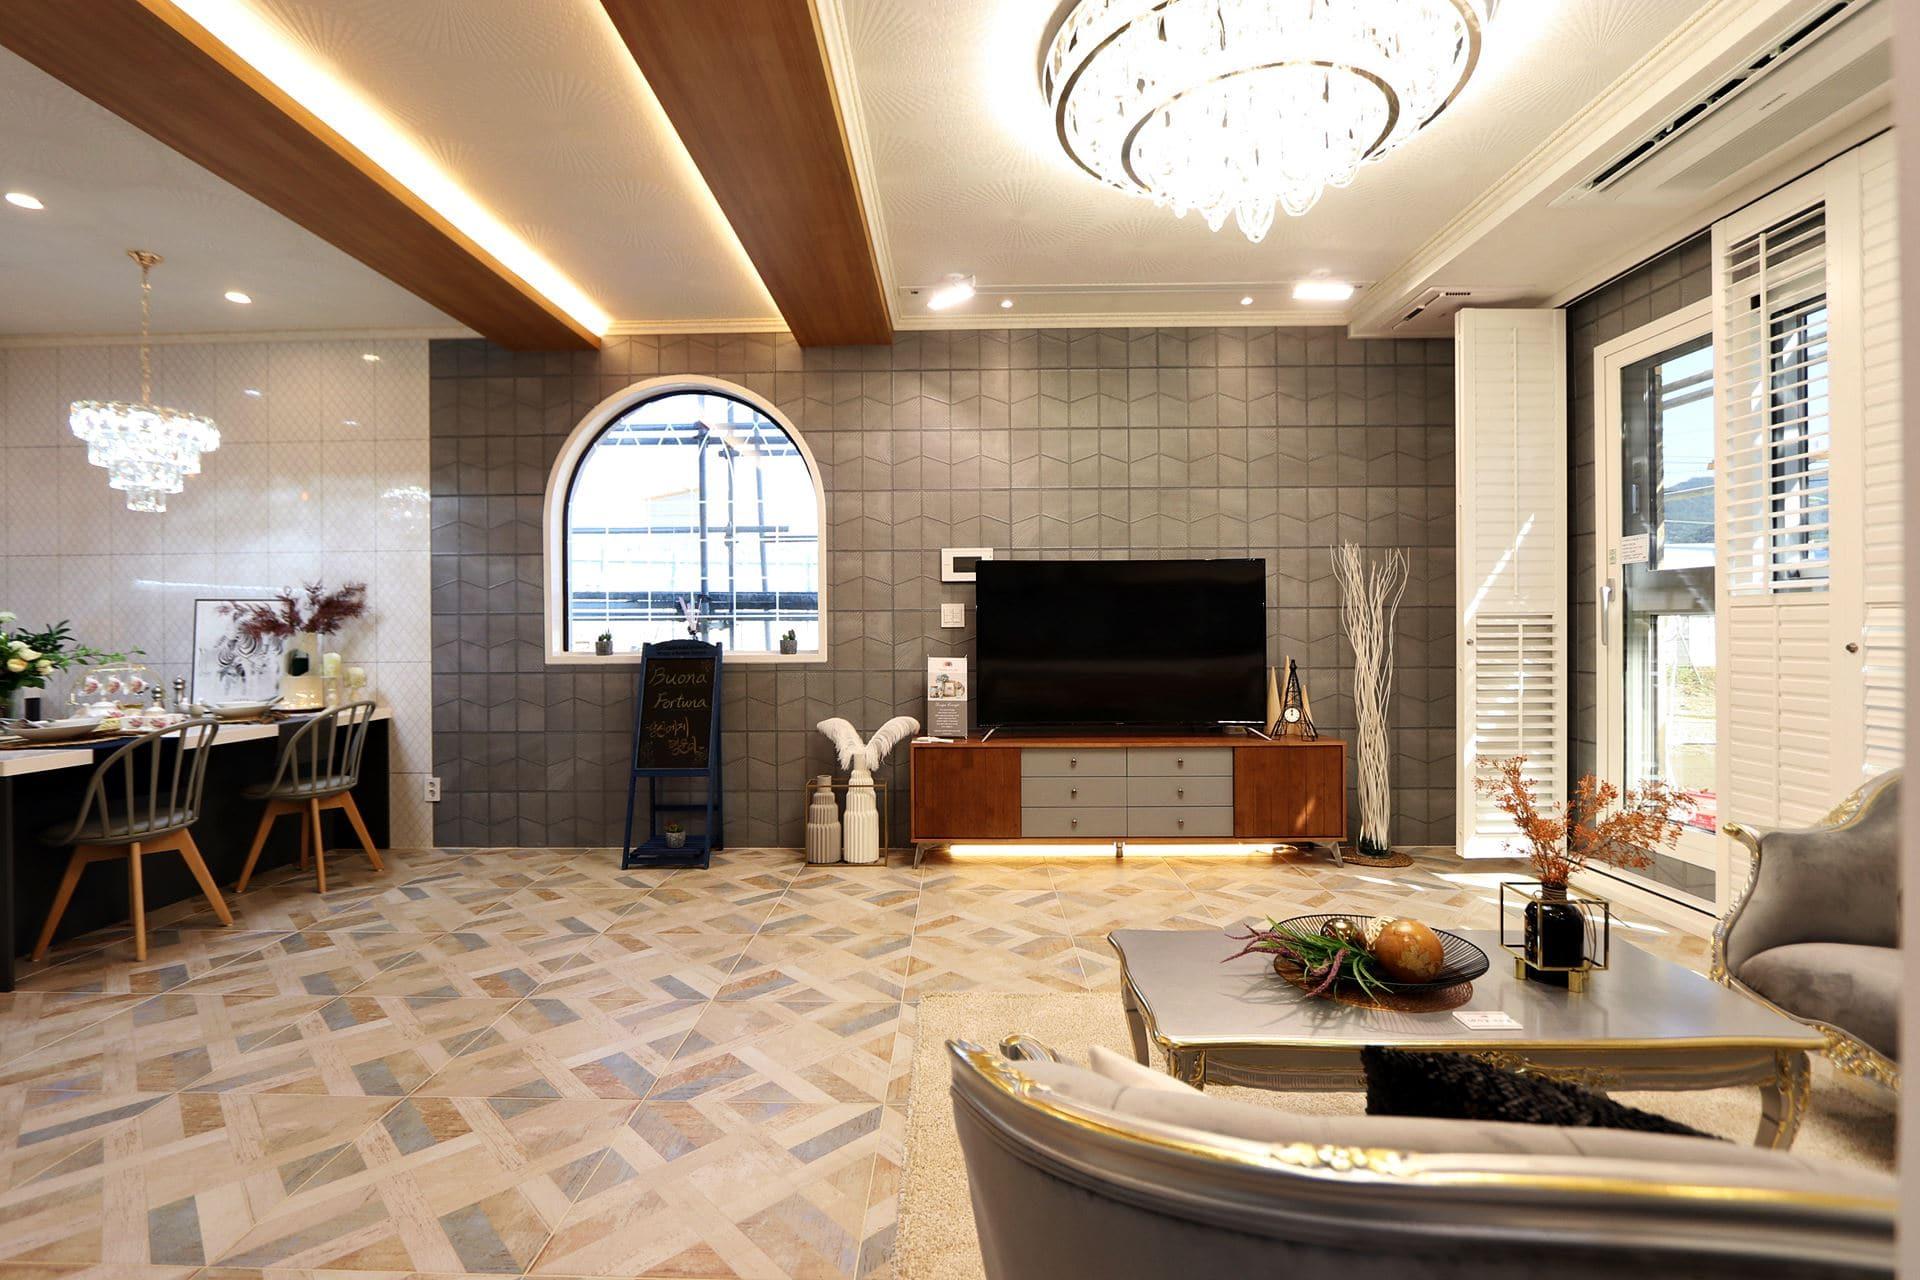 동두천신축빌라 대단지형 38평형 드레스룸 3룸